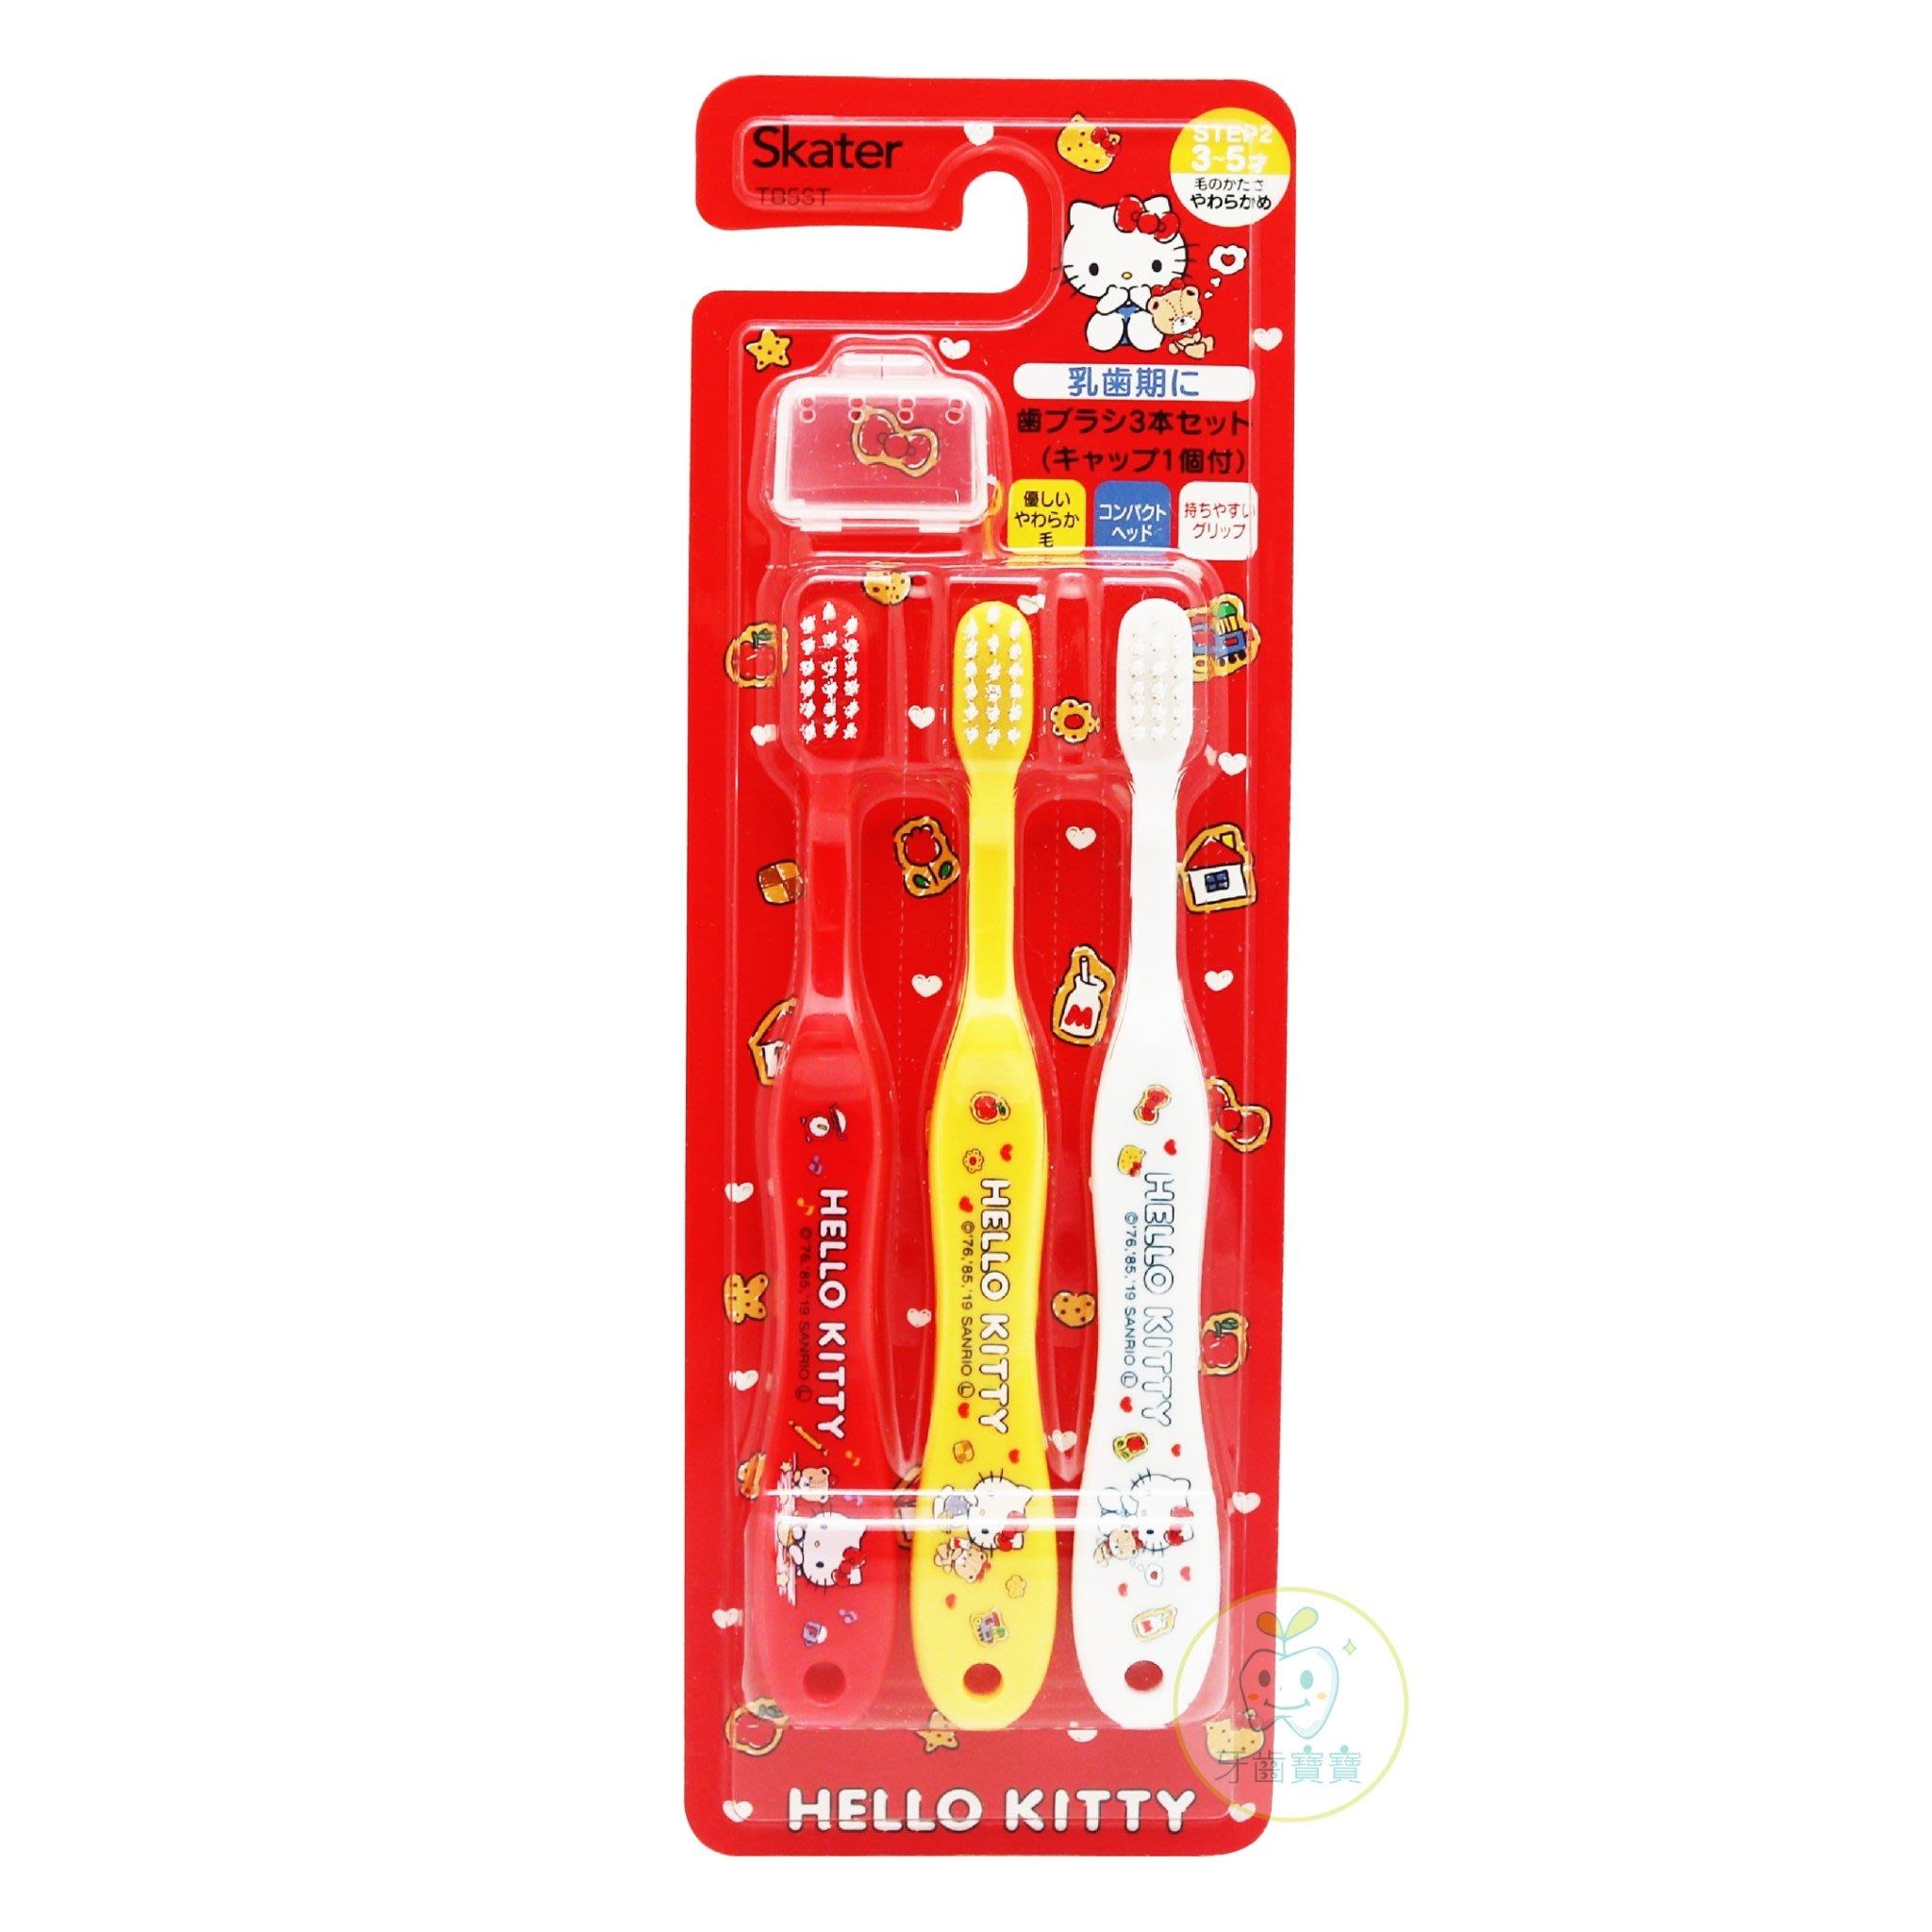 日本Skater HelloKitty 3-5才乳齒期用 牙刷3入(三色刷柄)附刷頭蓋一個